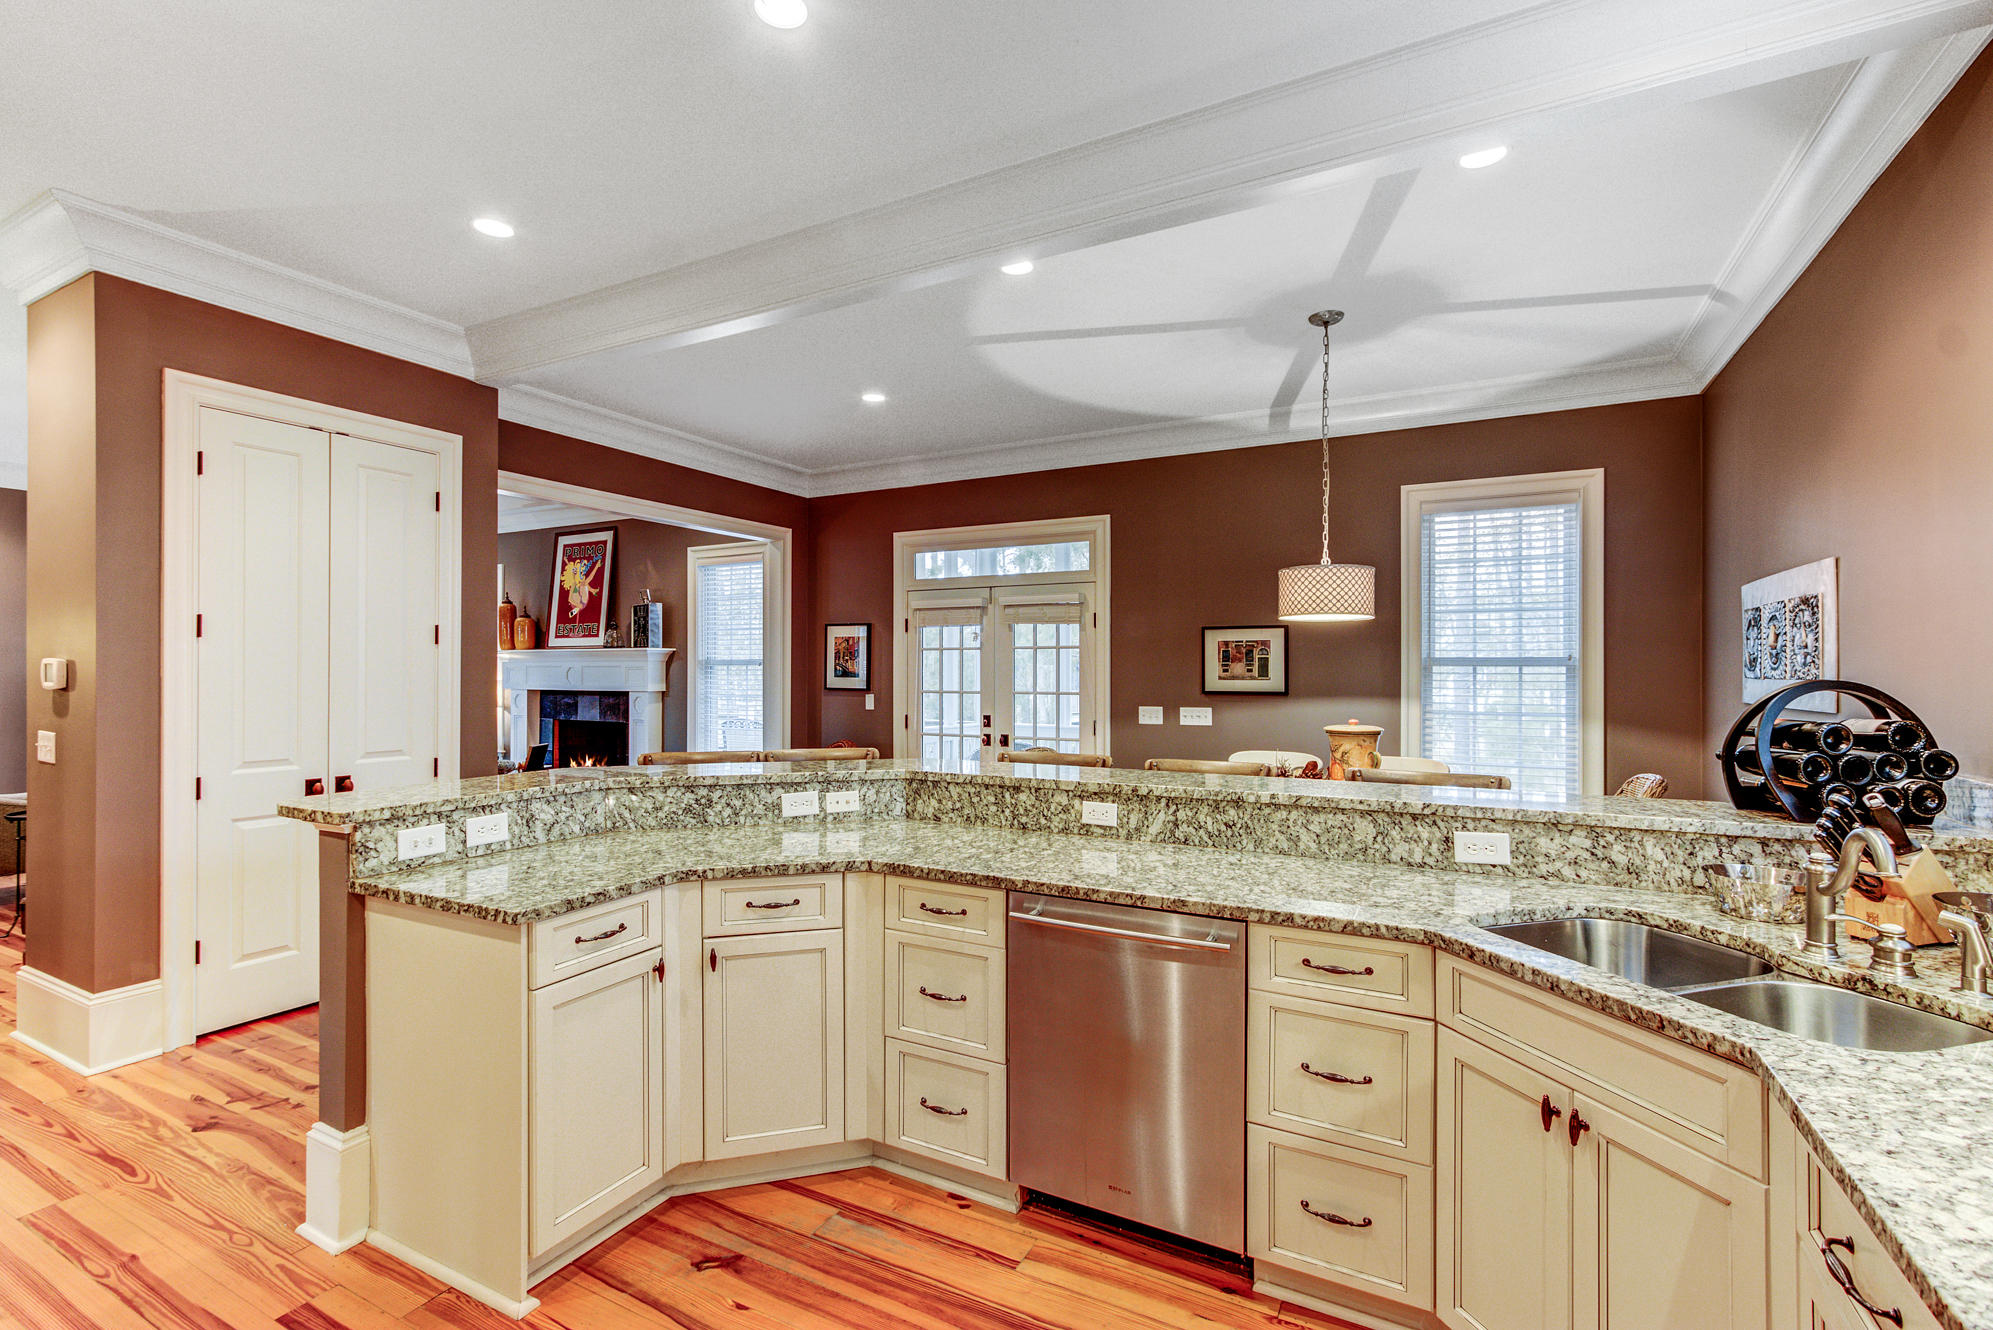 Park West Homes For Sale - 1527 Capel, Mount Pleasant, SC - 3